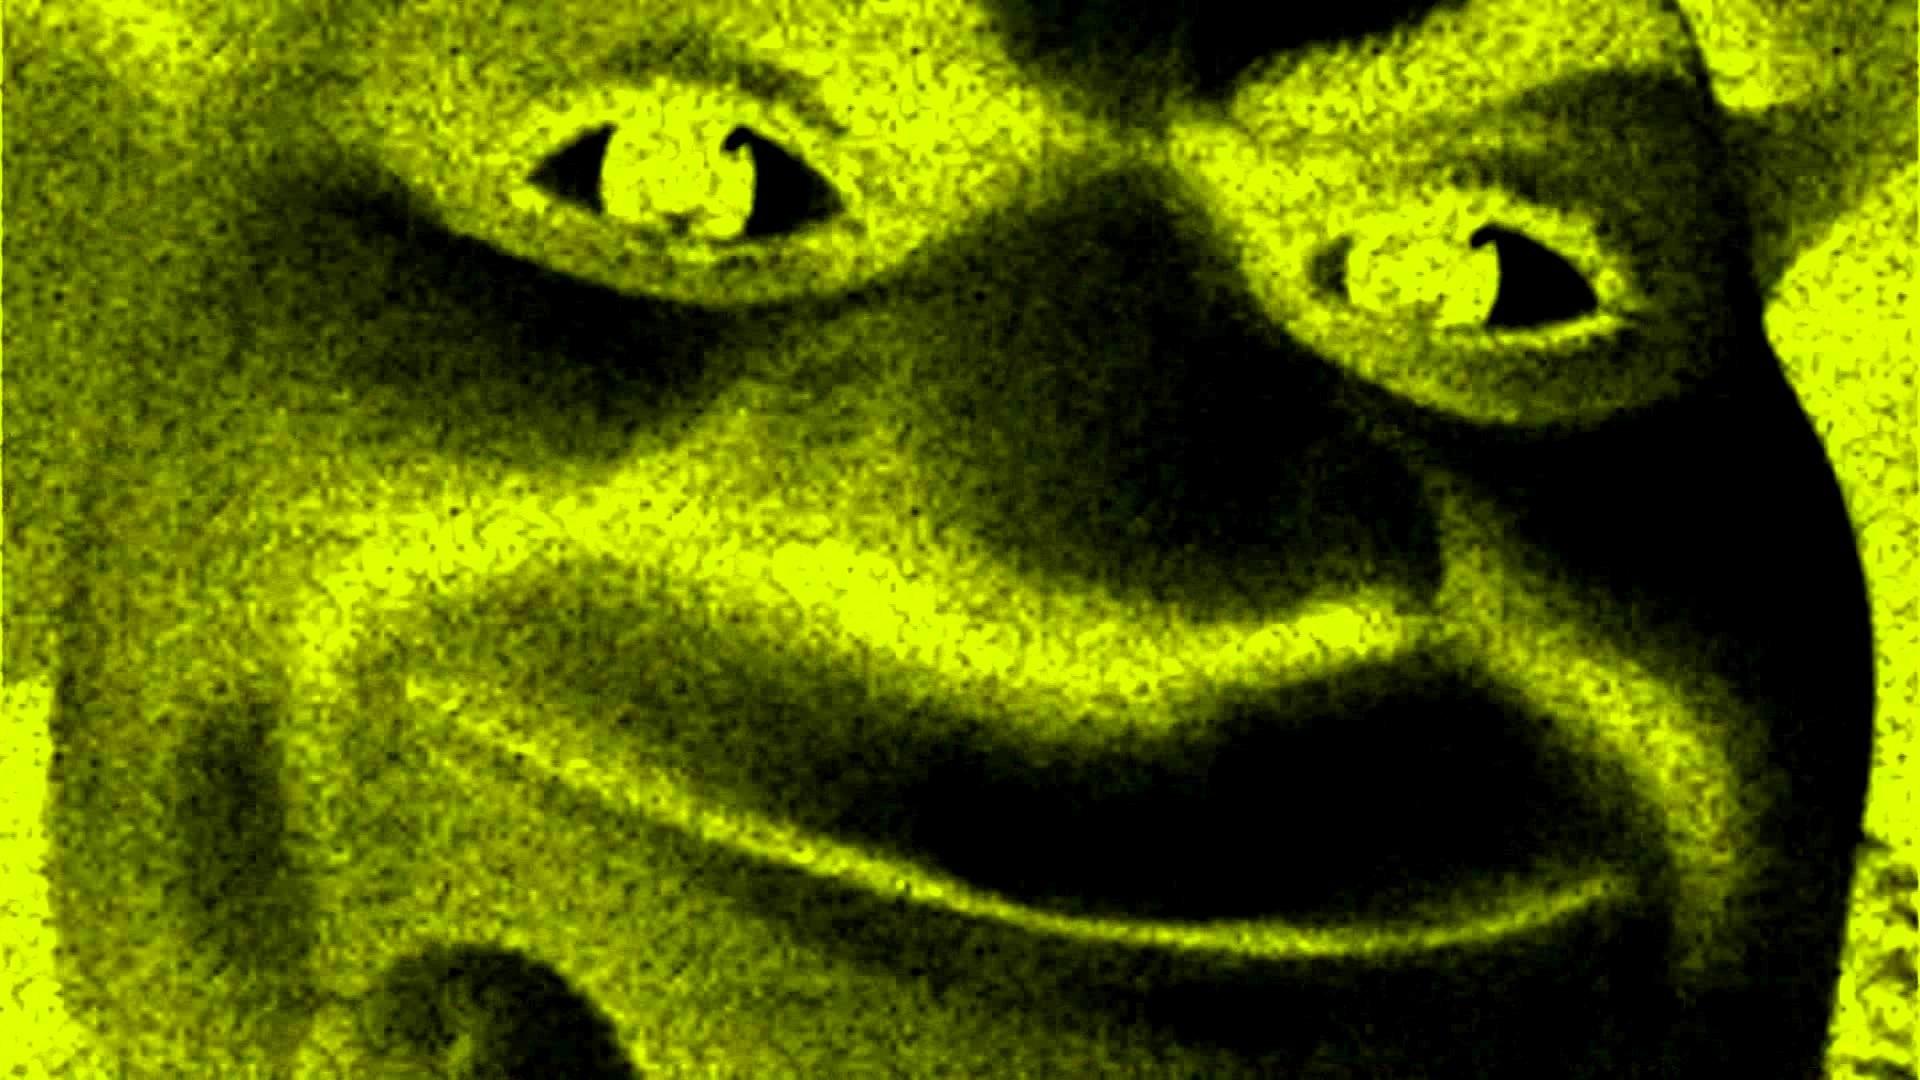 Pepe meme wallpaper 72 images - Dank wallpaper ...